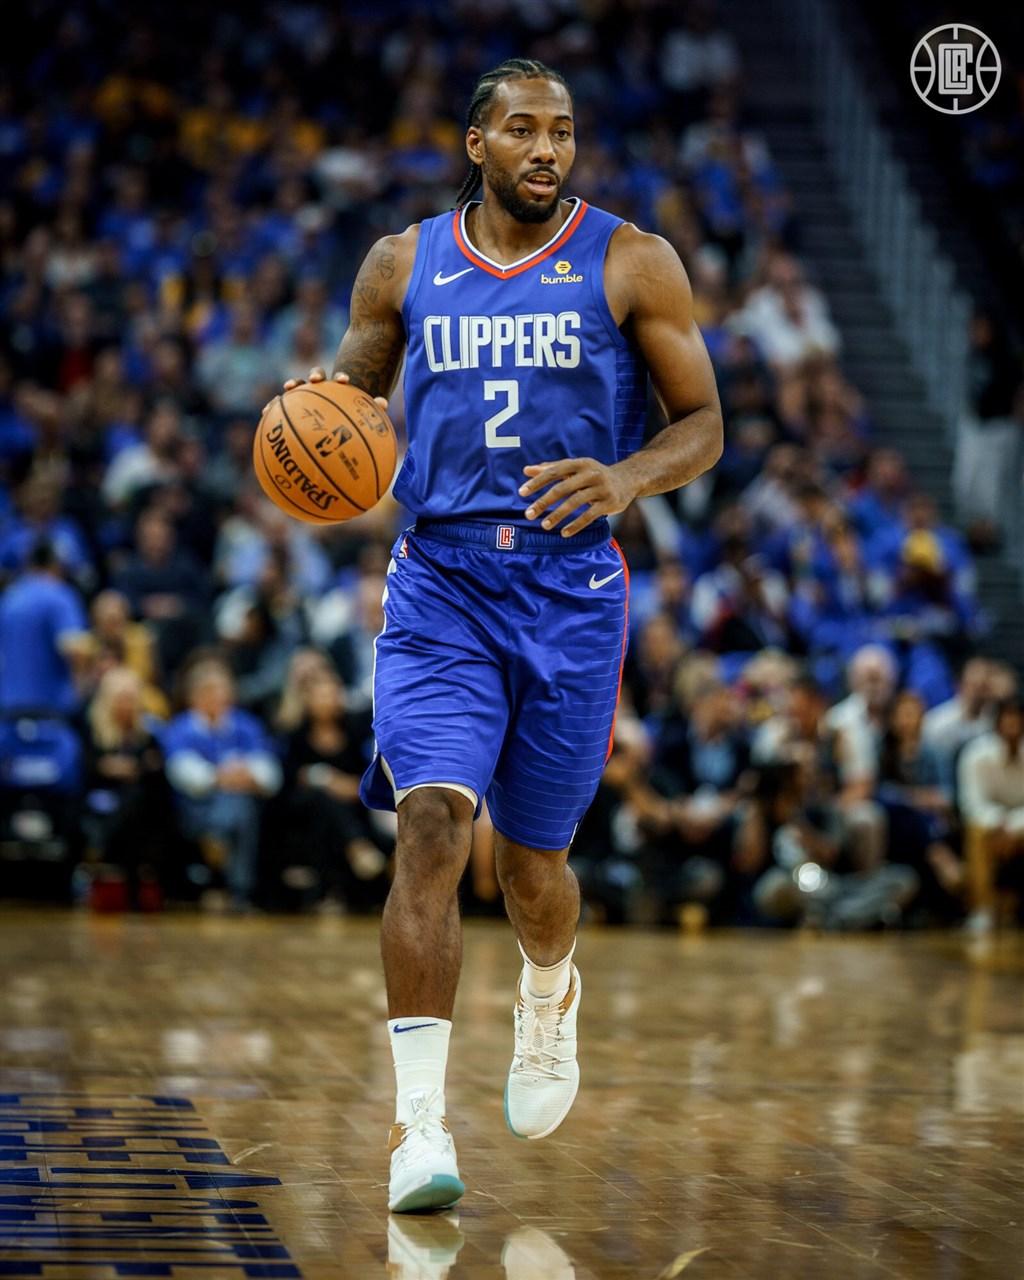 快艇球團對雷納德(圖)健康狀況的說詞前後不一,NBA聯盟對此開罰約新台幣151萬元。(圖取自twitter.com/LAClippers)